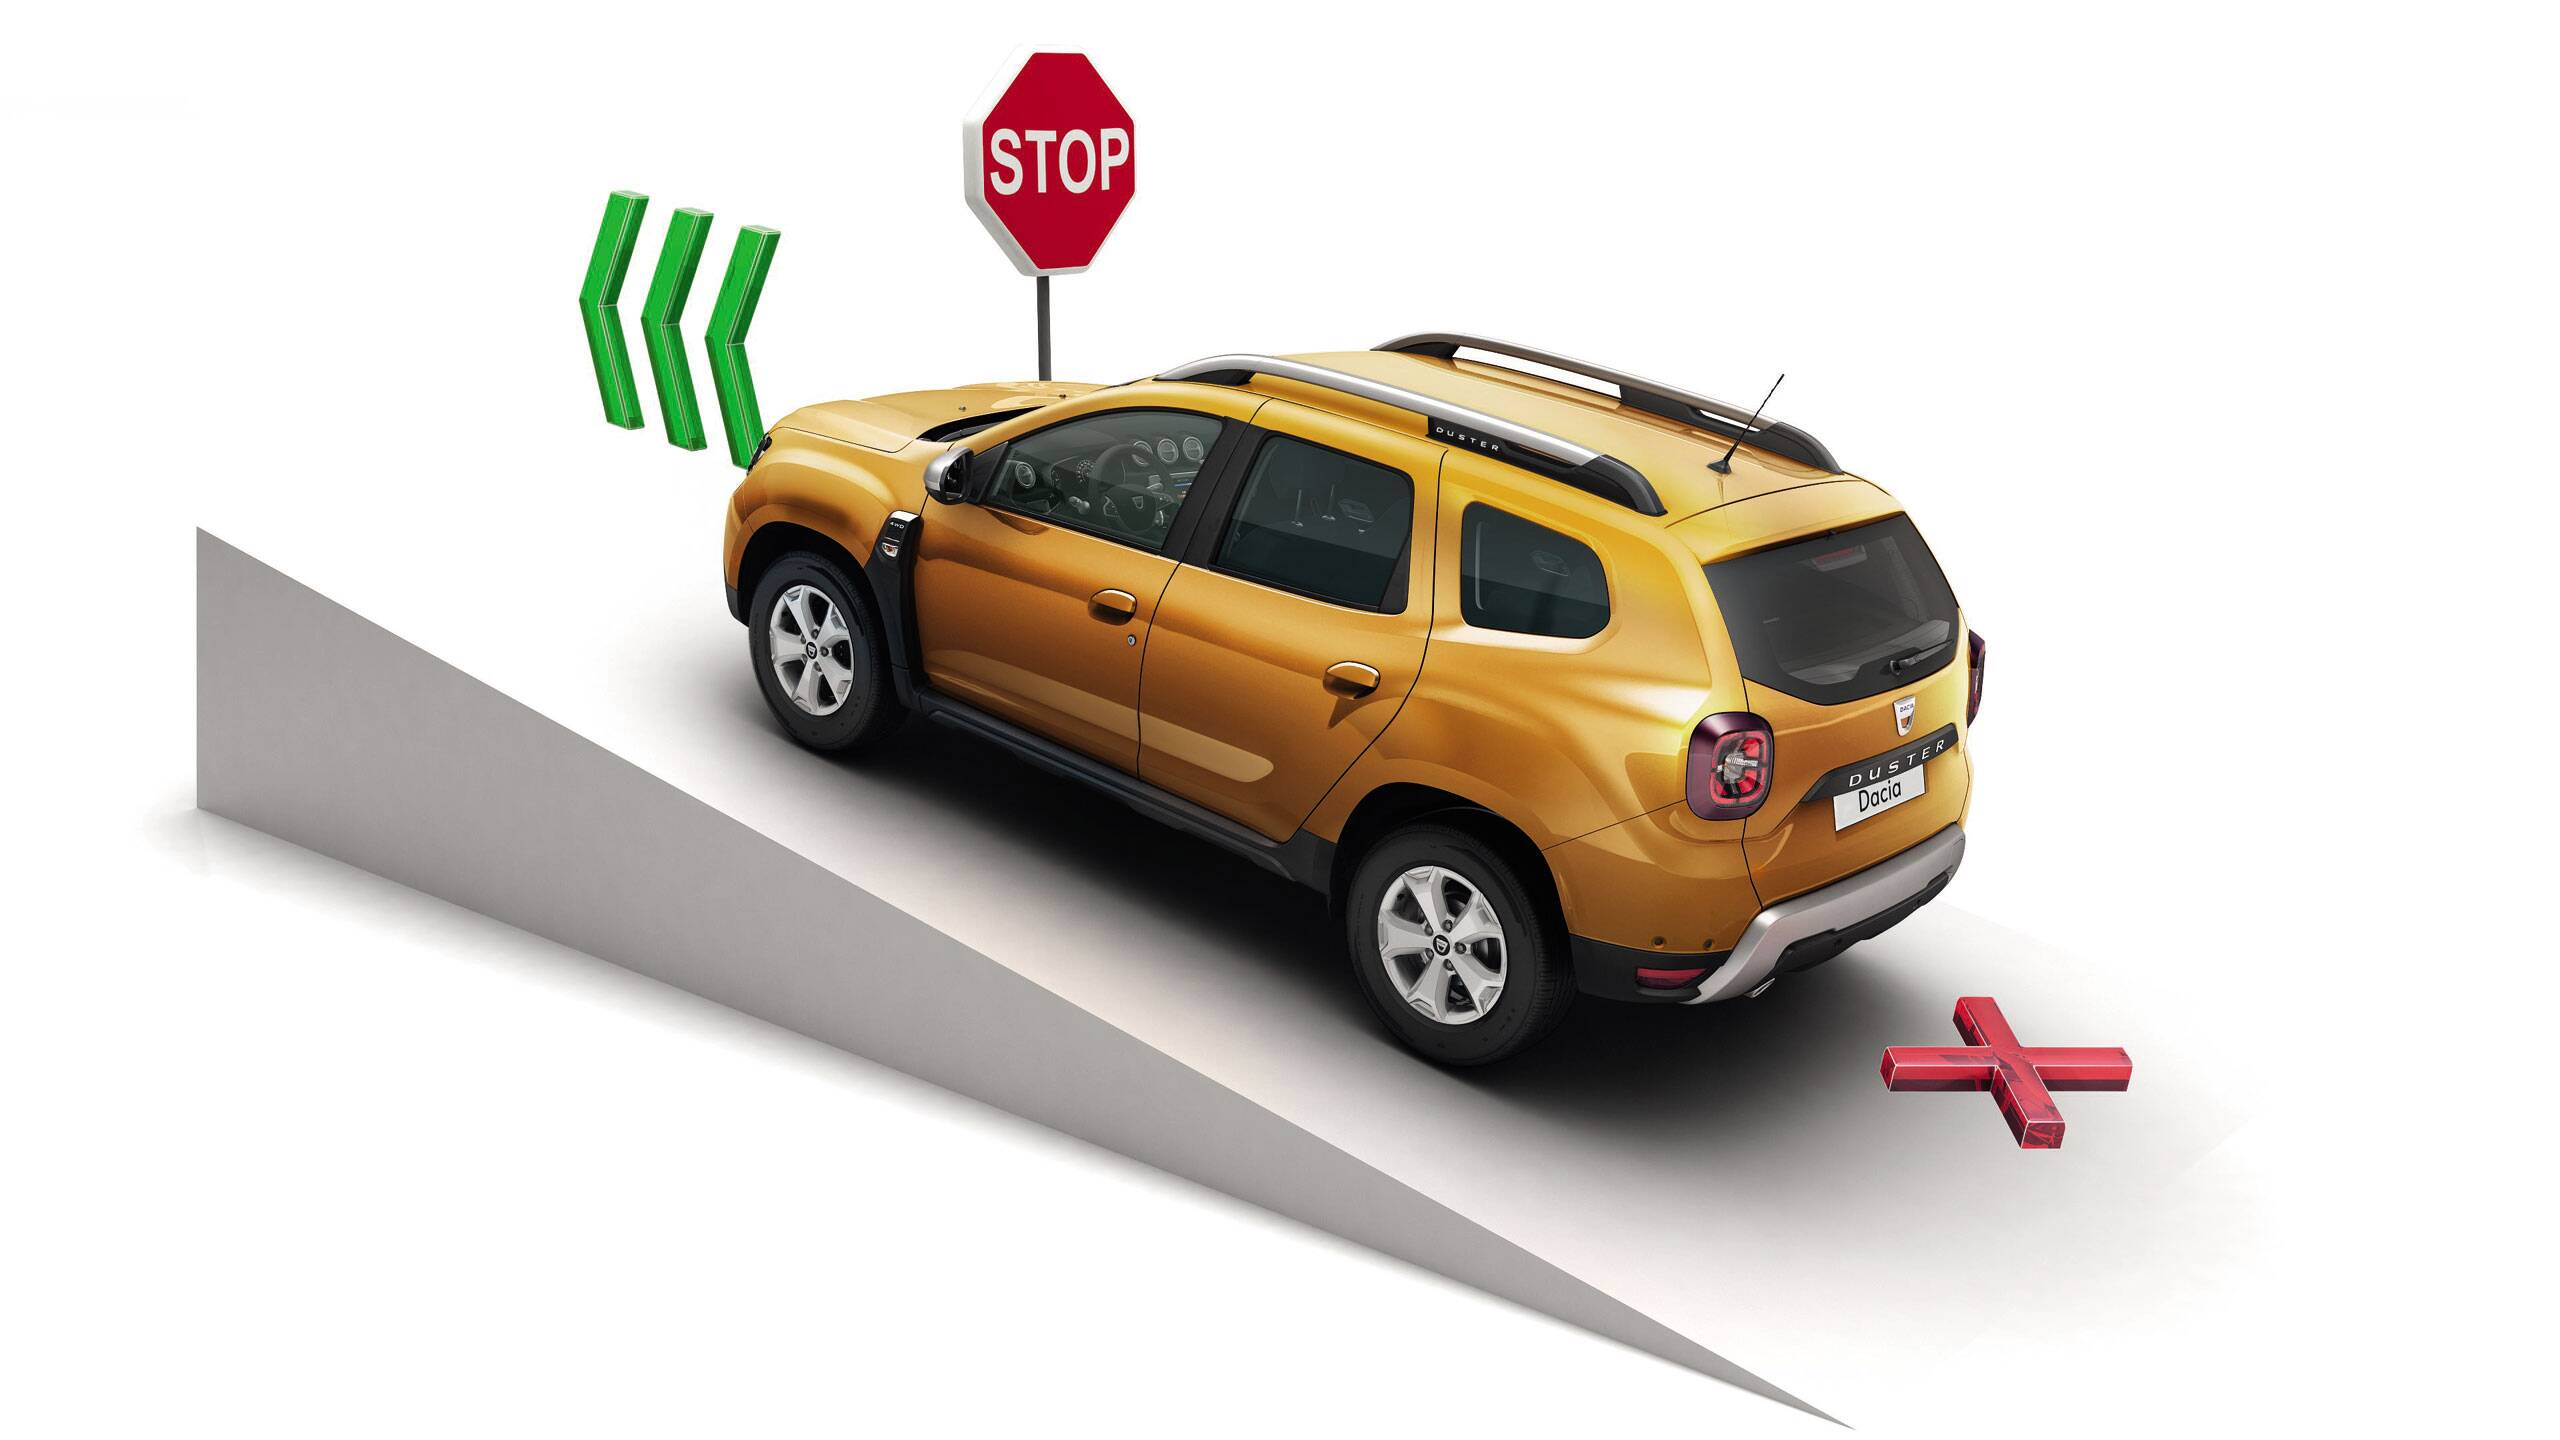 Помощна система за подпомагане на потеглянето по наклон и система, контролираща скоростта при спускане по наклон